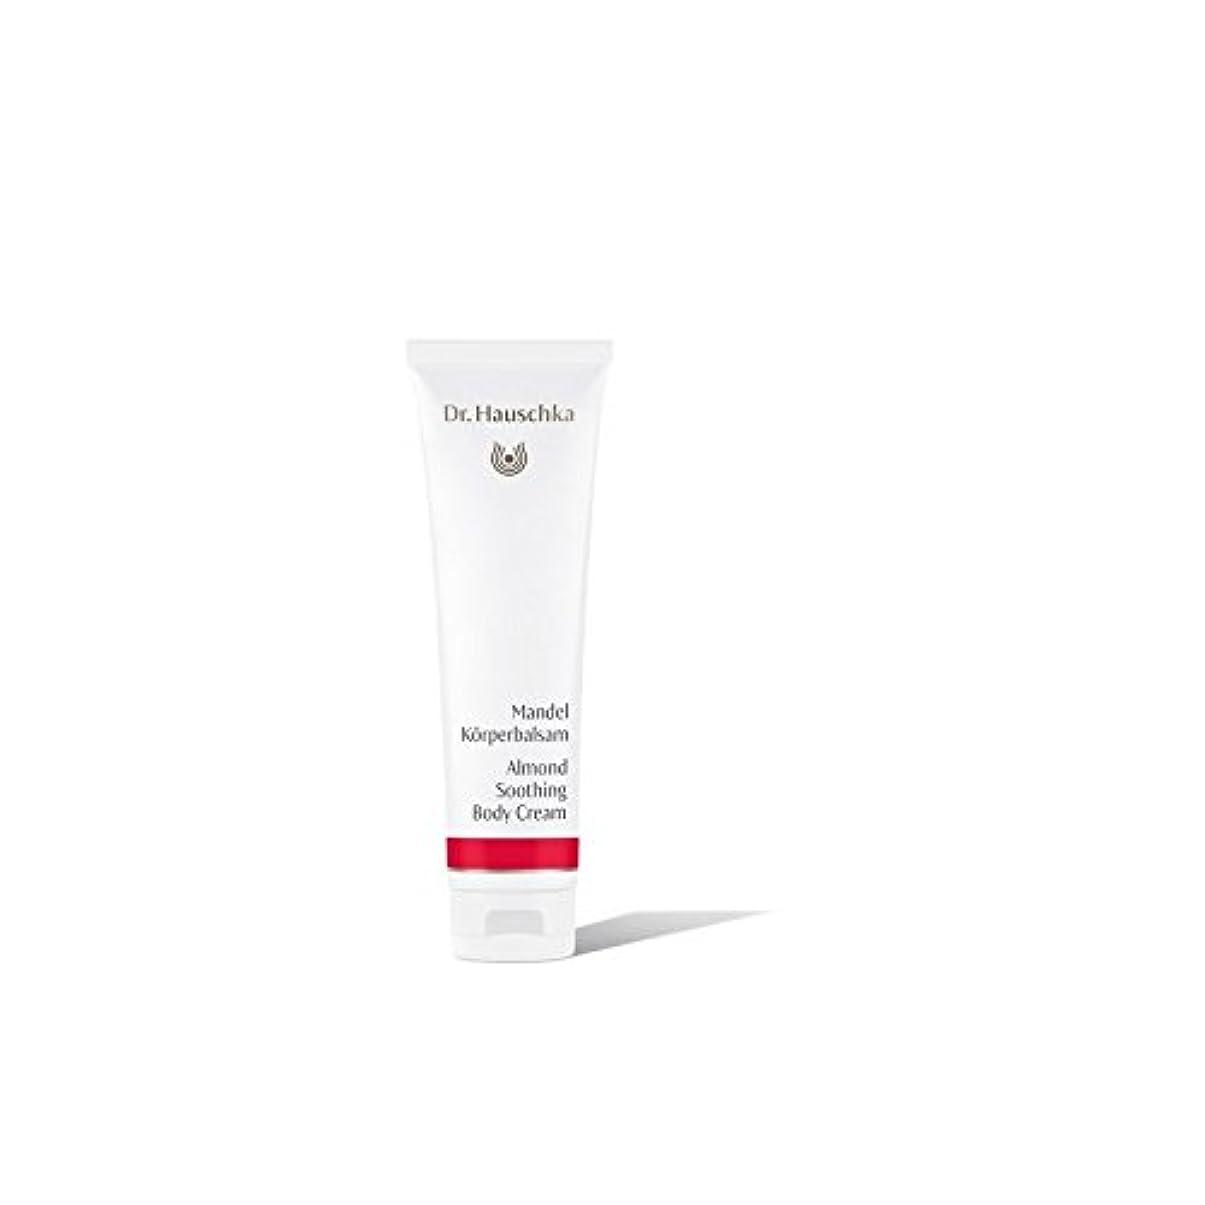 持っている聡明微妙Dr. Hauschka Almond Soothing Body Cream (145ml) - ハウシュカアーモンドなだめるボディクリーム(145ミリリットル) [並行輸入品]